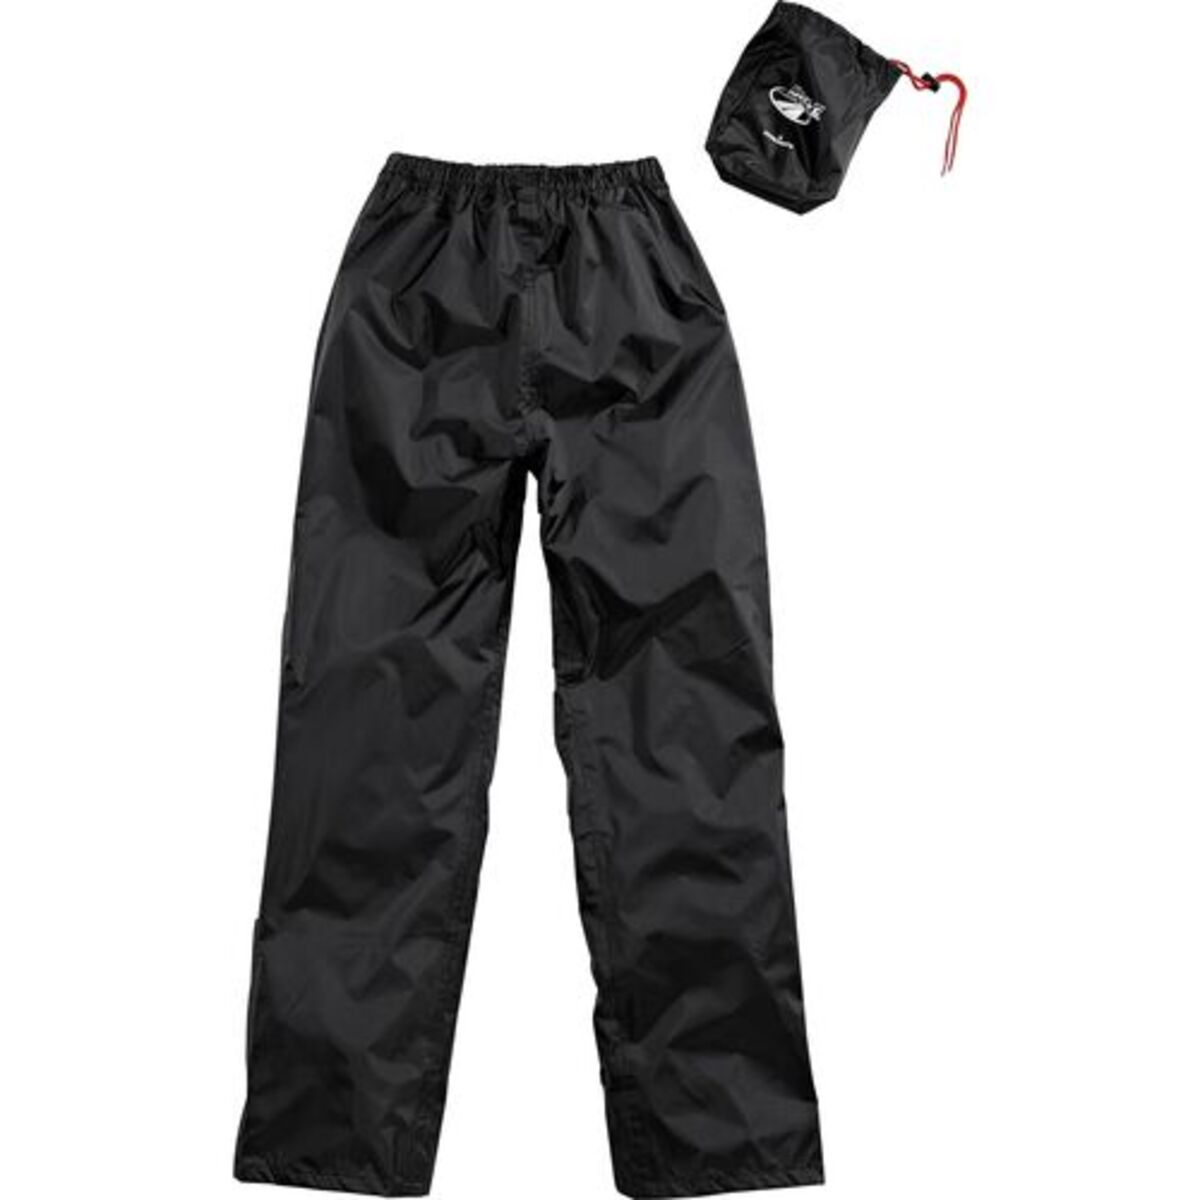 Bild 1 von DXR            Textil Regenhose 1.0 schwarz